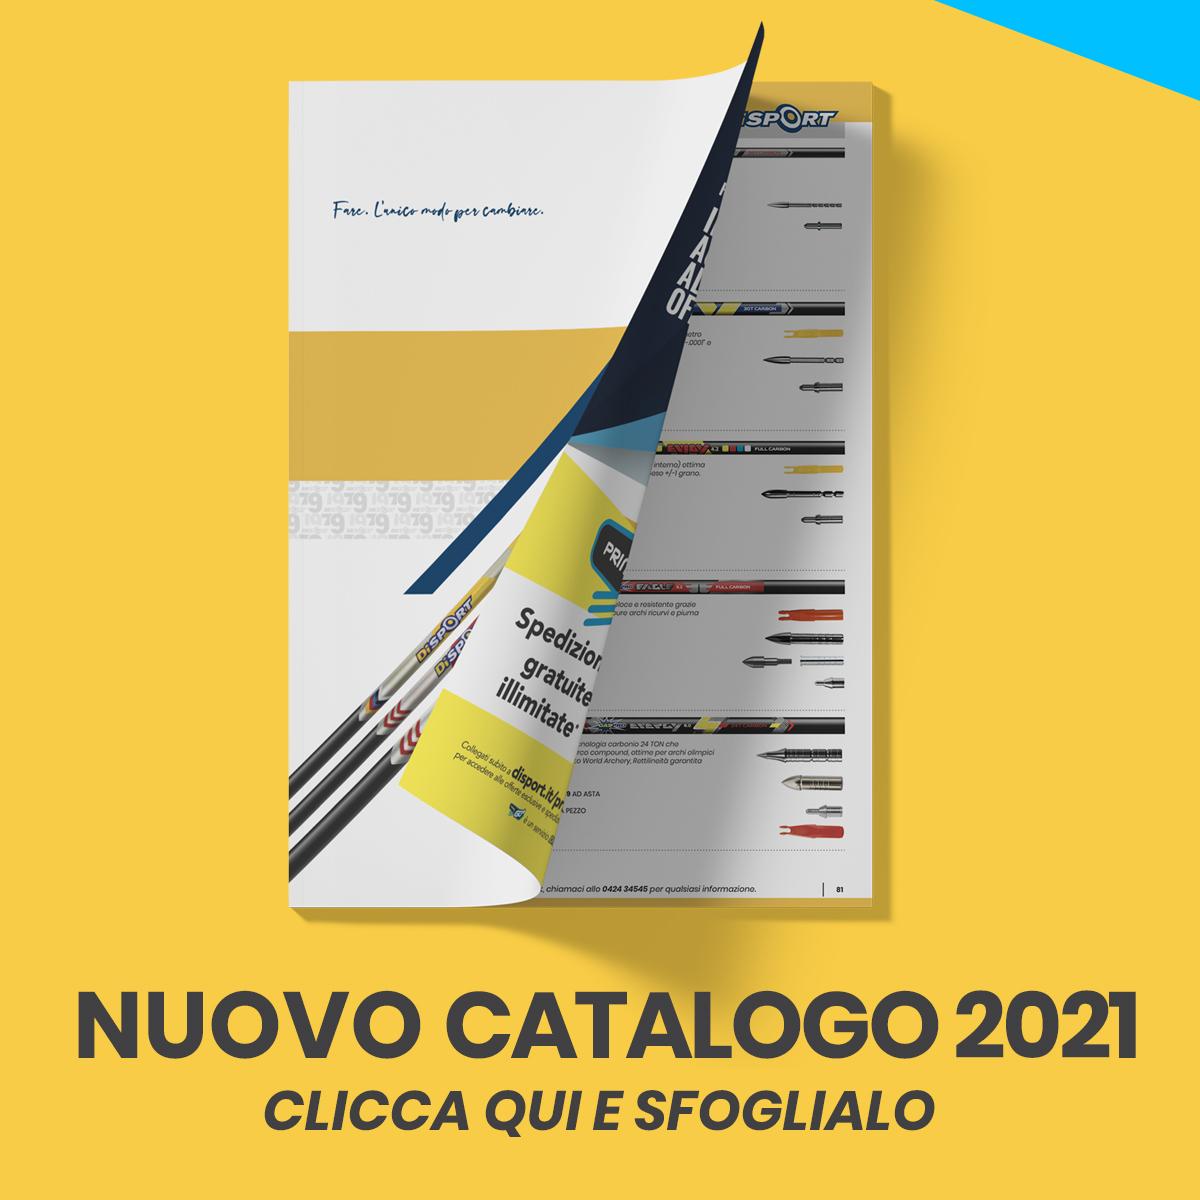 NUOVO CATALOGO DISPORT 2021